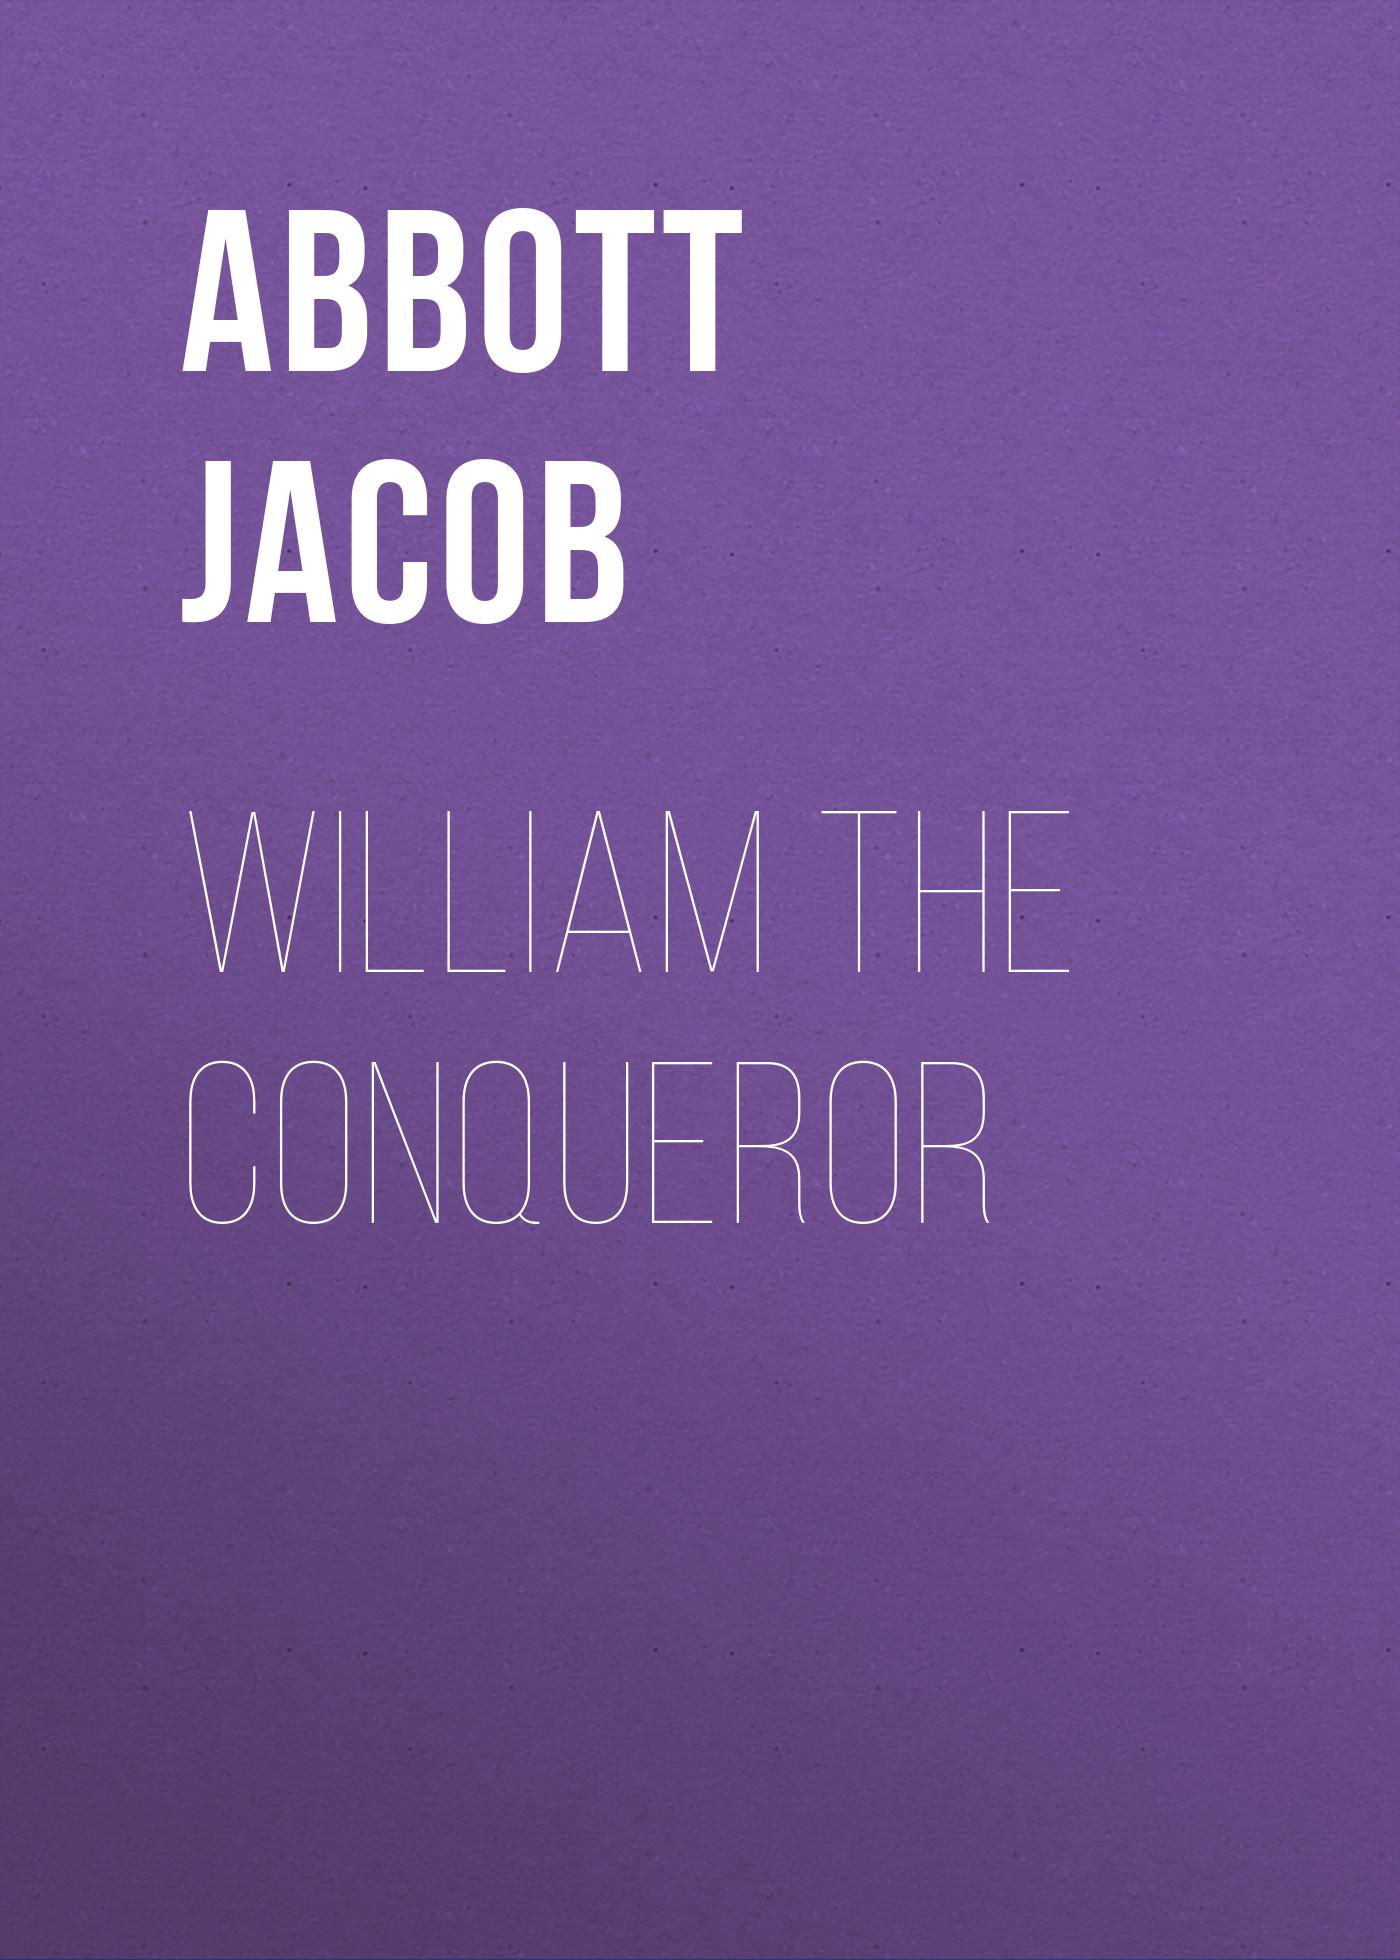 цены Abbott Jacob William the Conqueror